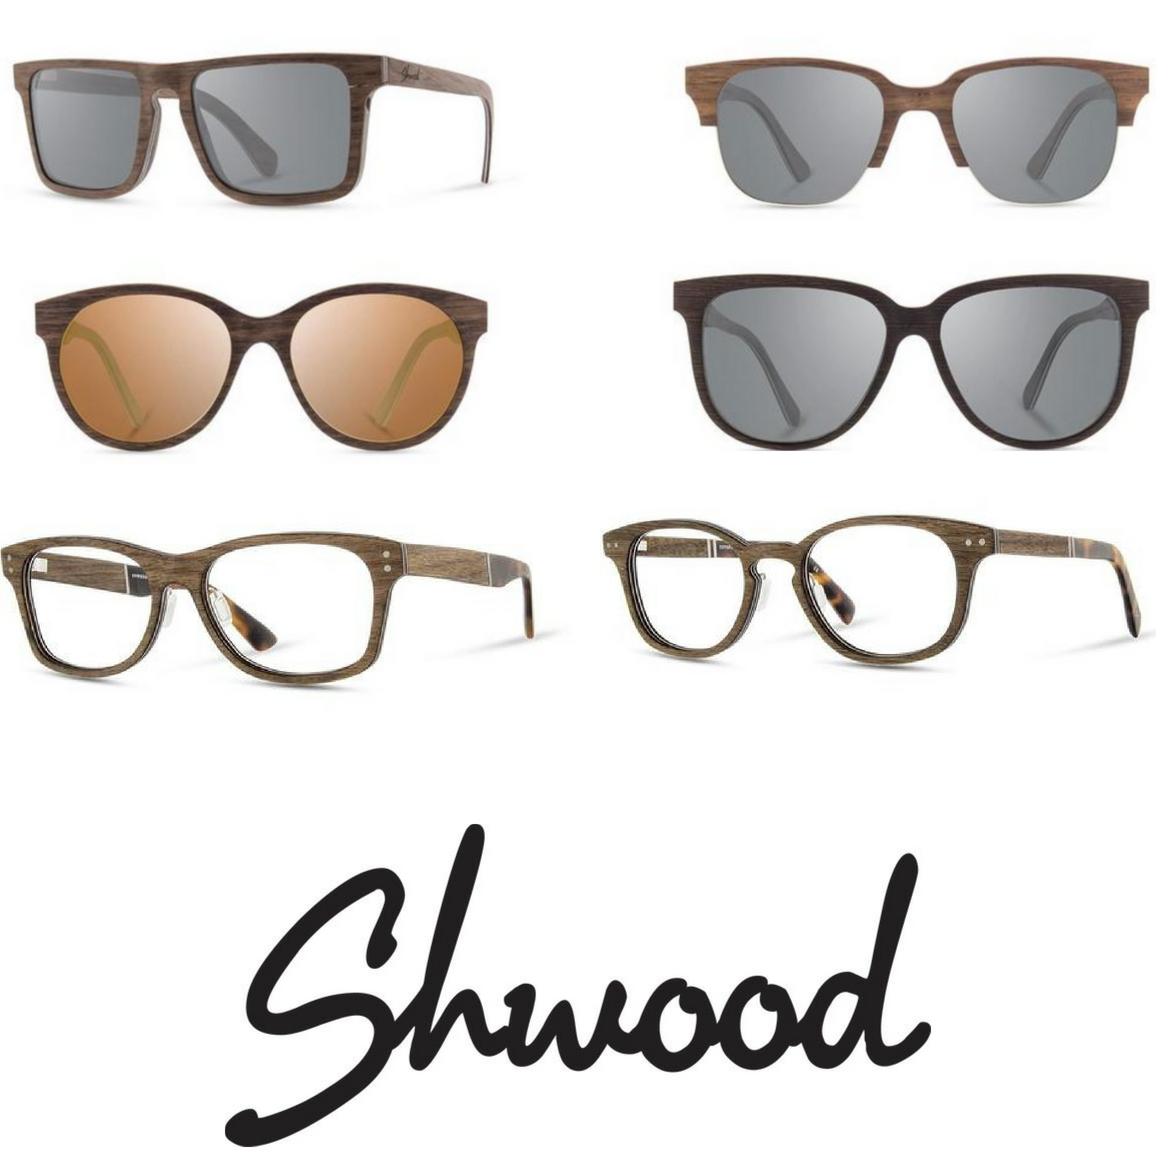 Shwood Eyewear brand image.jpg